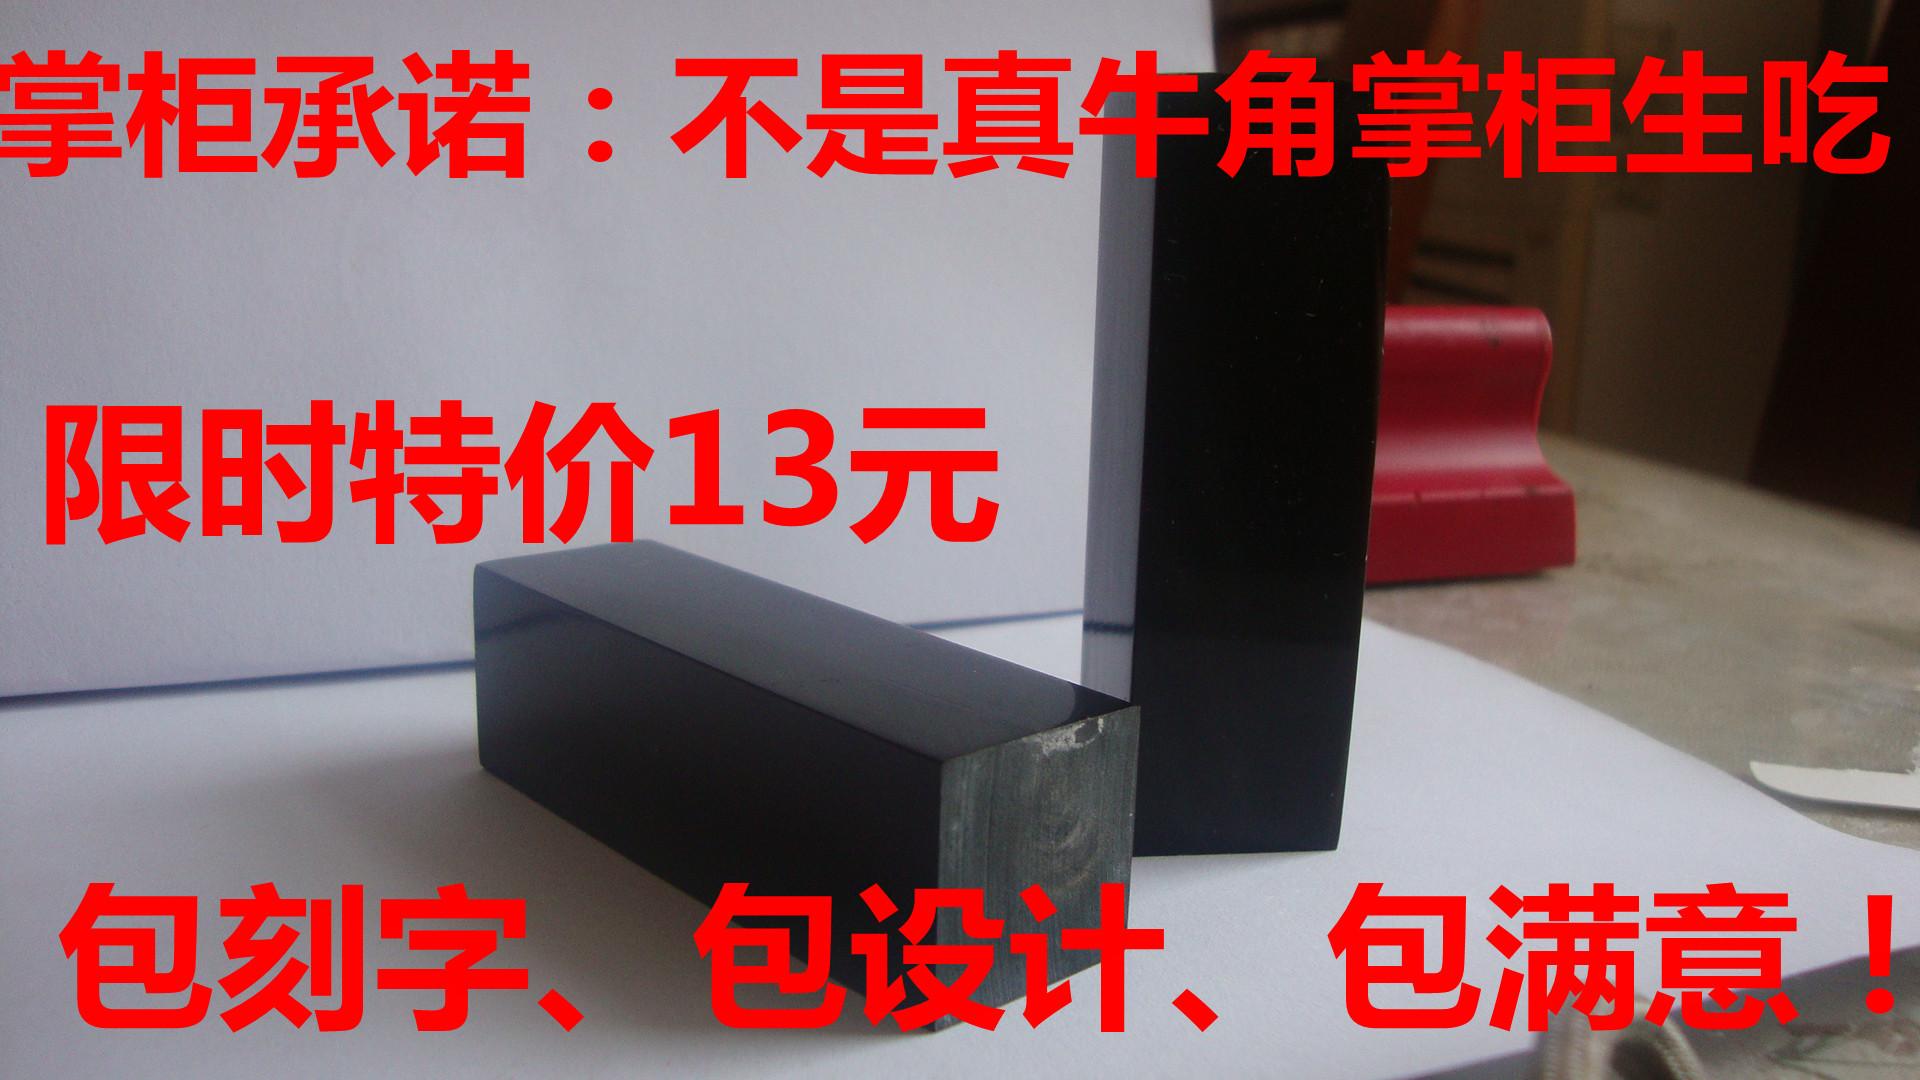 相超书法印章_甲骨文书法印章江苏省南通中学建议使用ie8